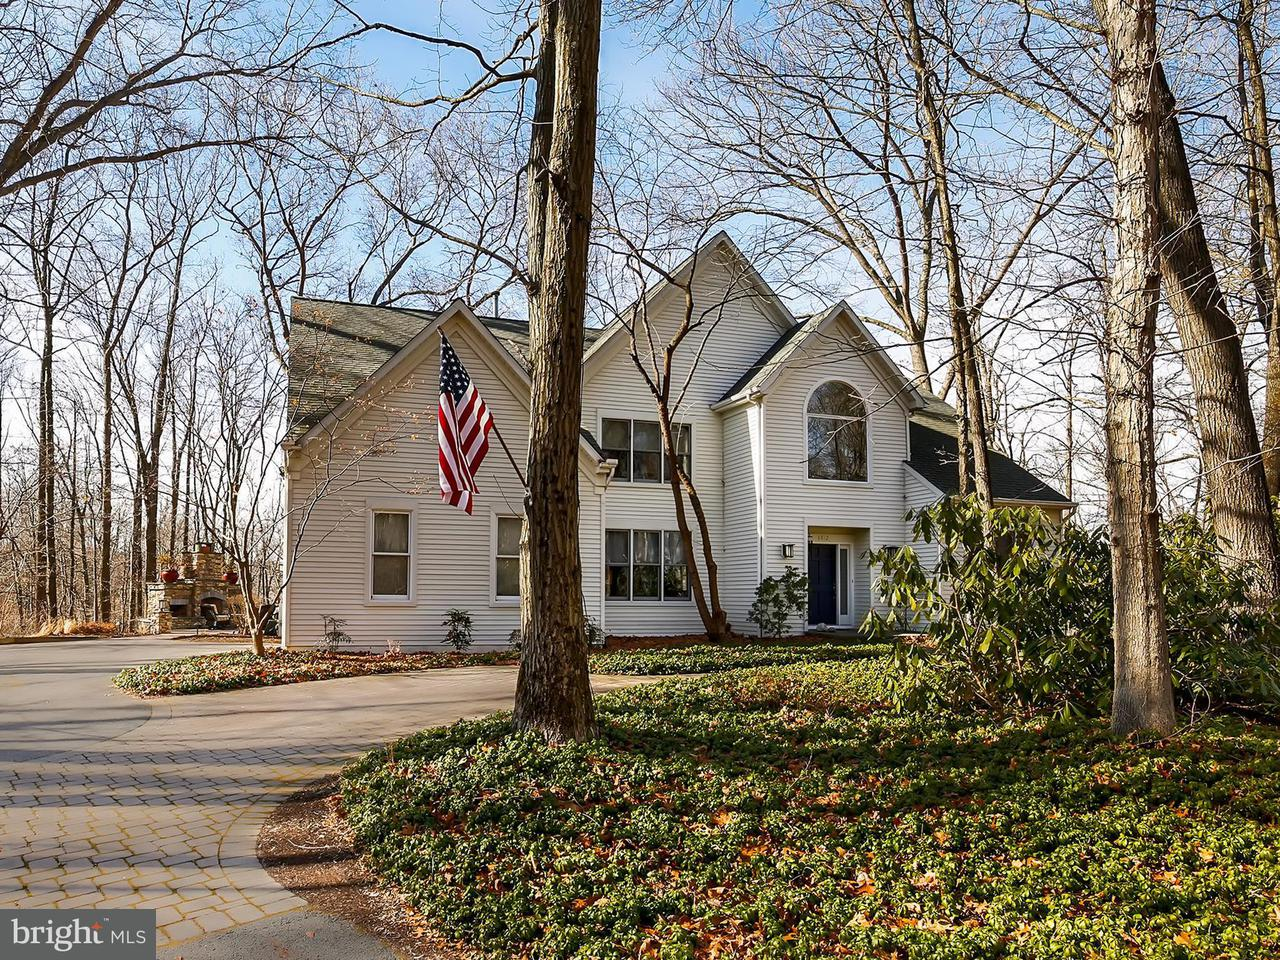 Частный односемейный дом для того Продажа на 6812 Caravan Court 6812 Caravan Court Columbia, Мэриленд 21044 Соединенные Штаты